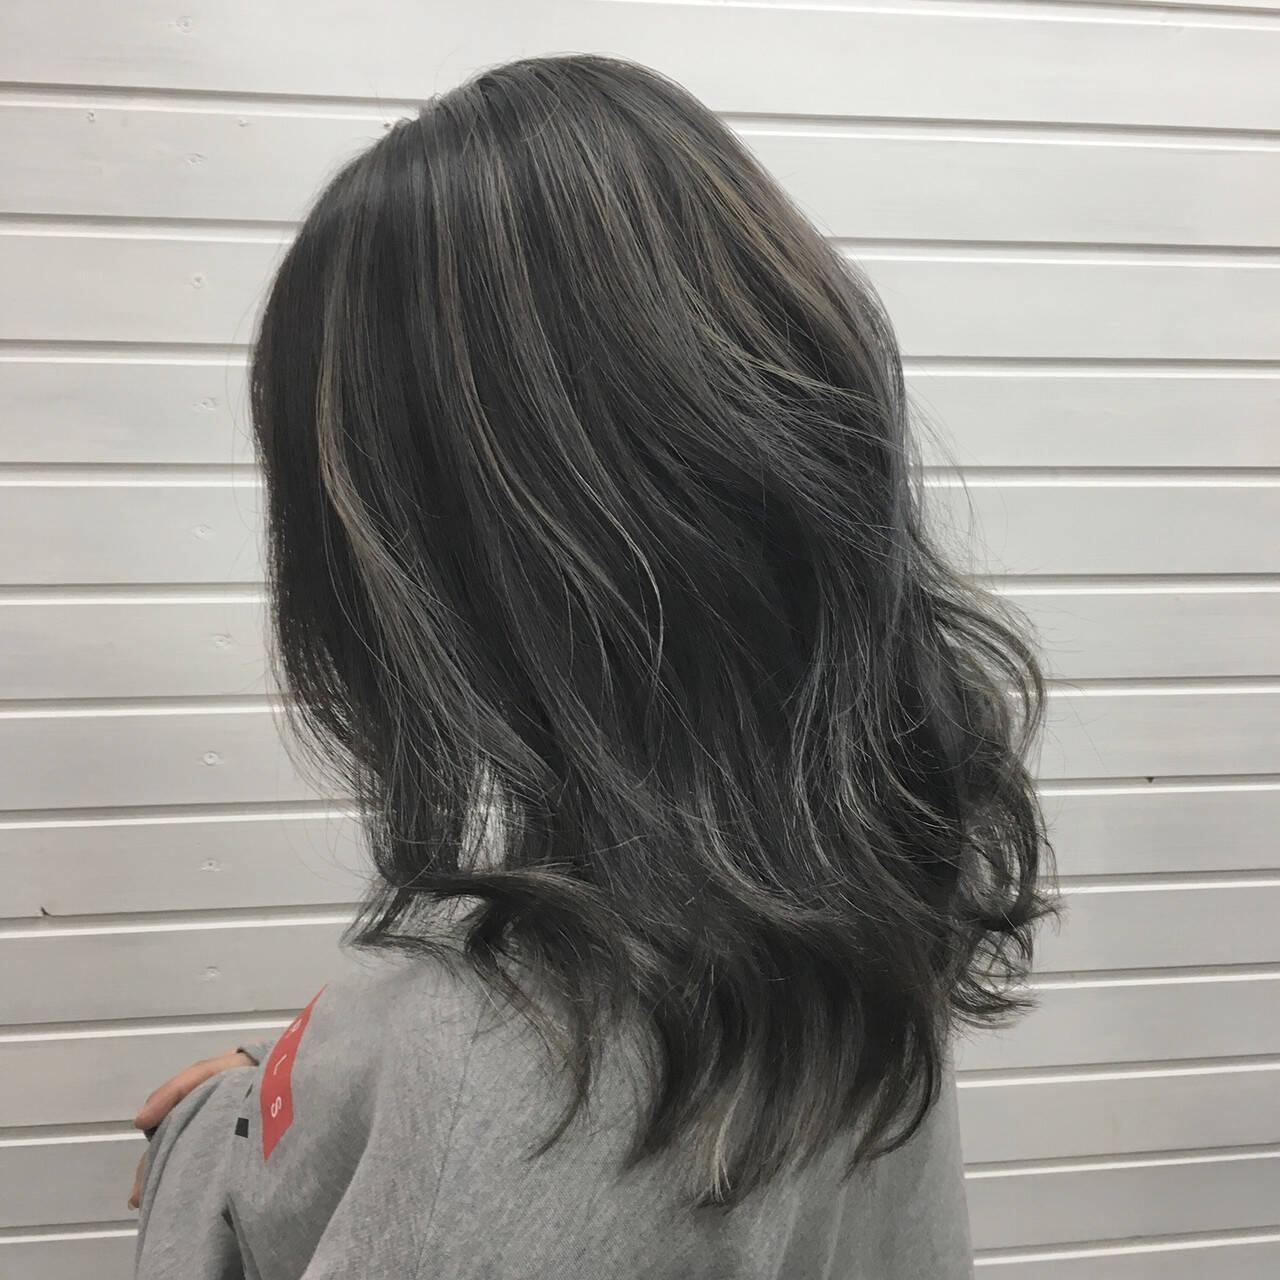 エレガント バレイヤージュ ハイライト コントラストハイライトヘアスタイルや髪型の写真・画像